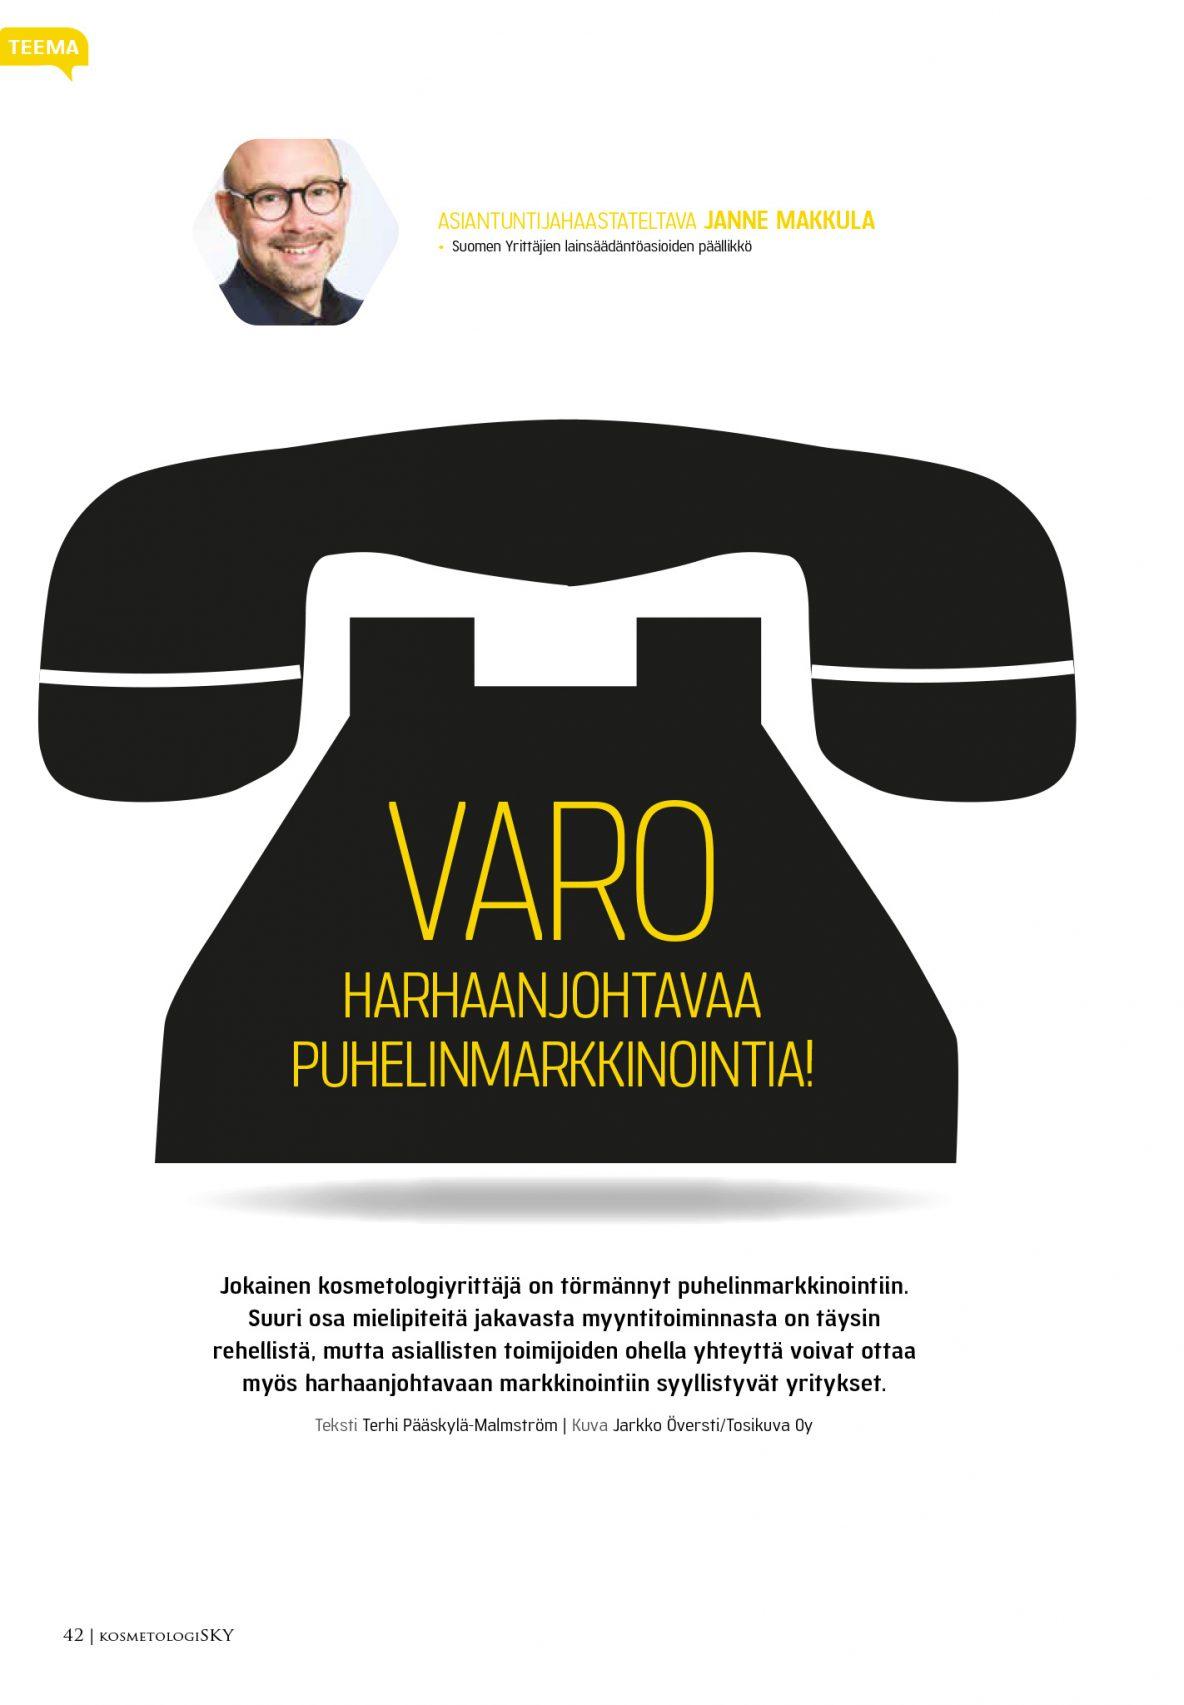 Varo harhaanjohtavaa puhelinmarkkinointia!